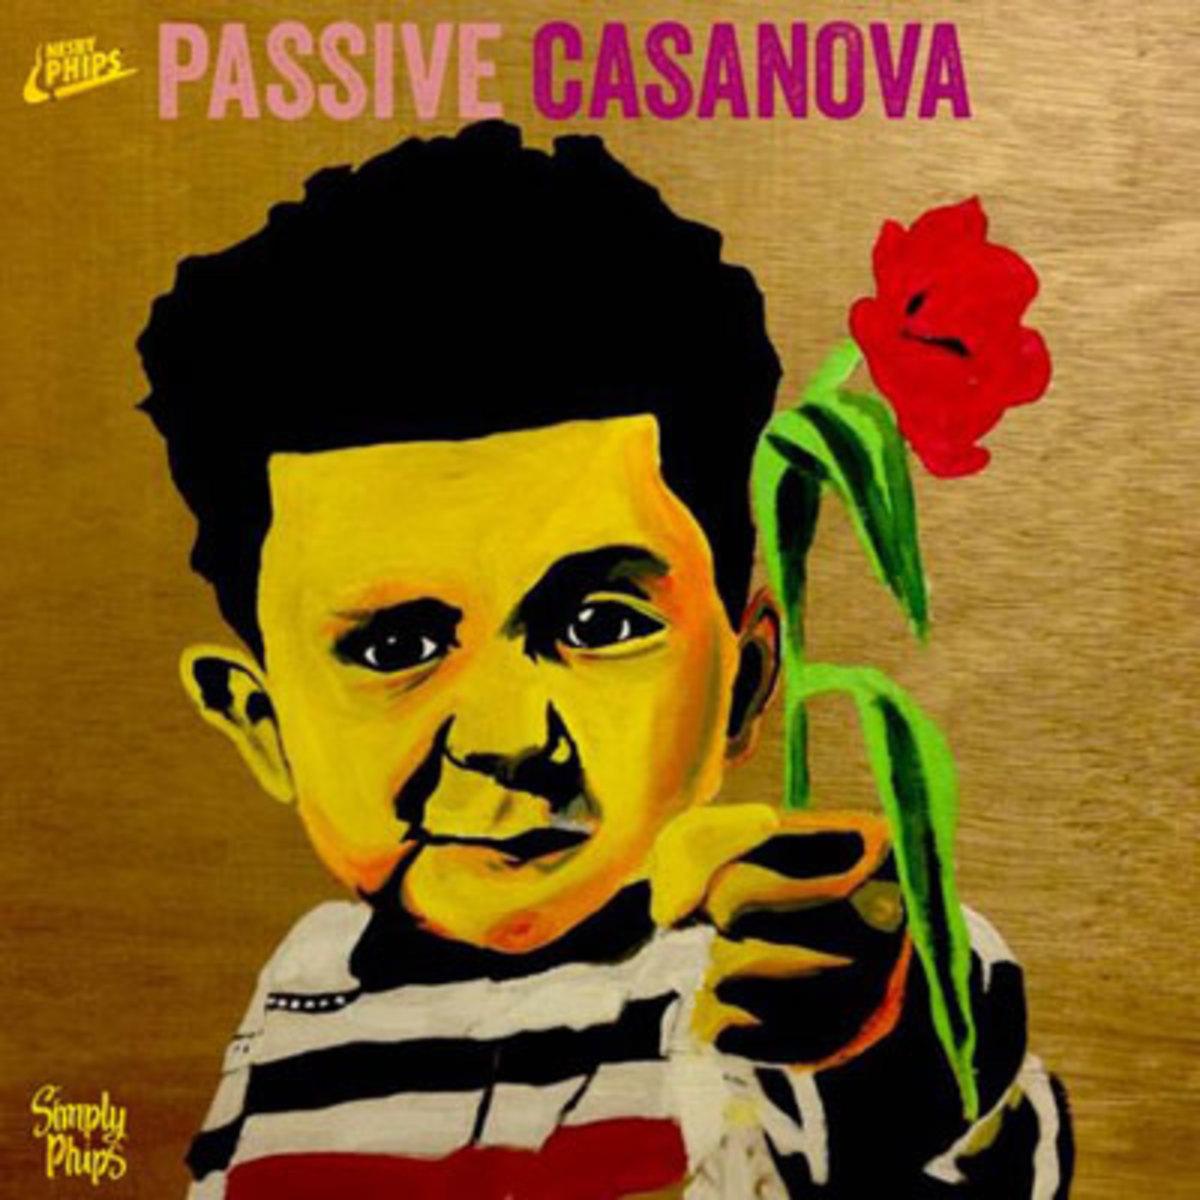 nesbyphips-passivecasanova.jpg